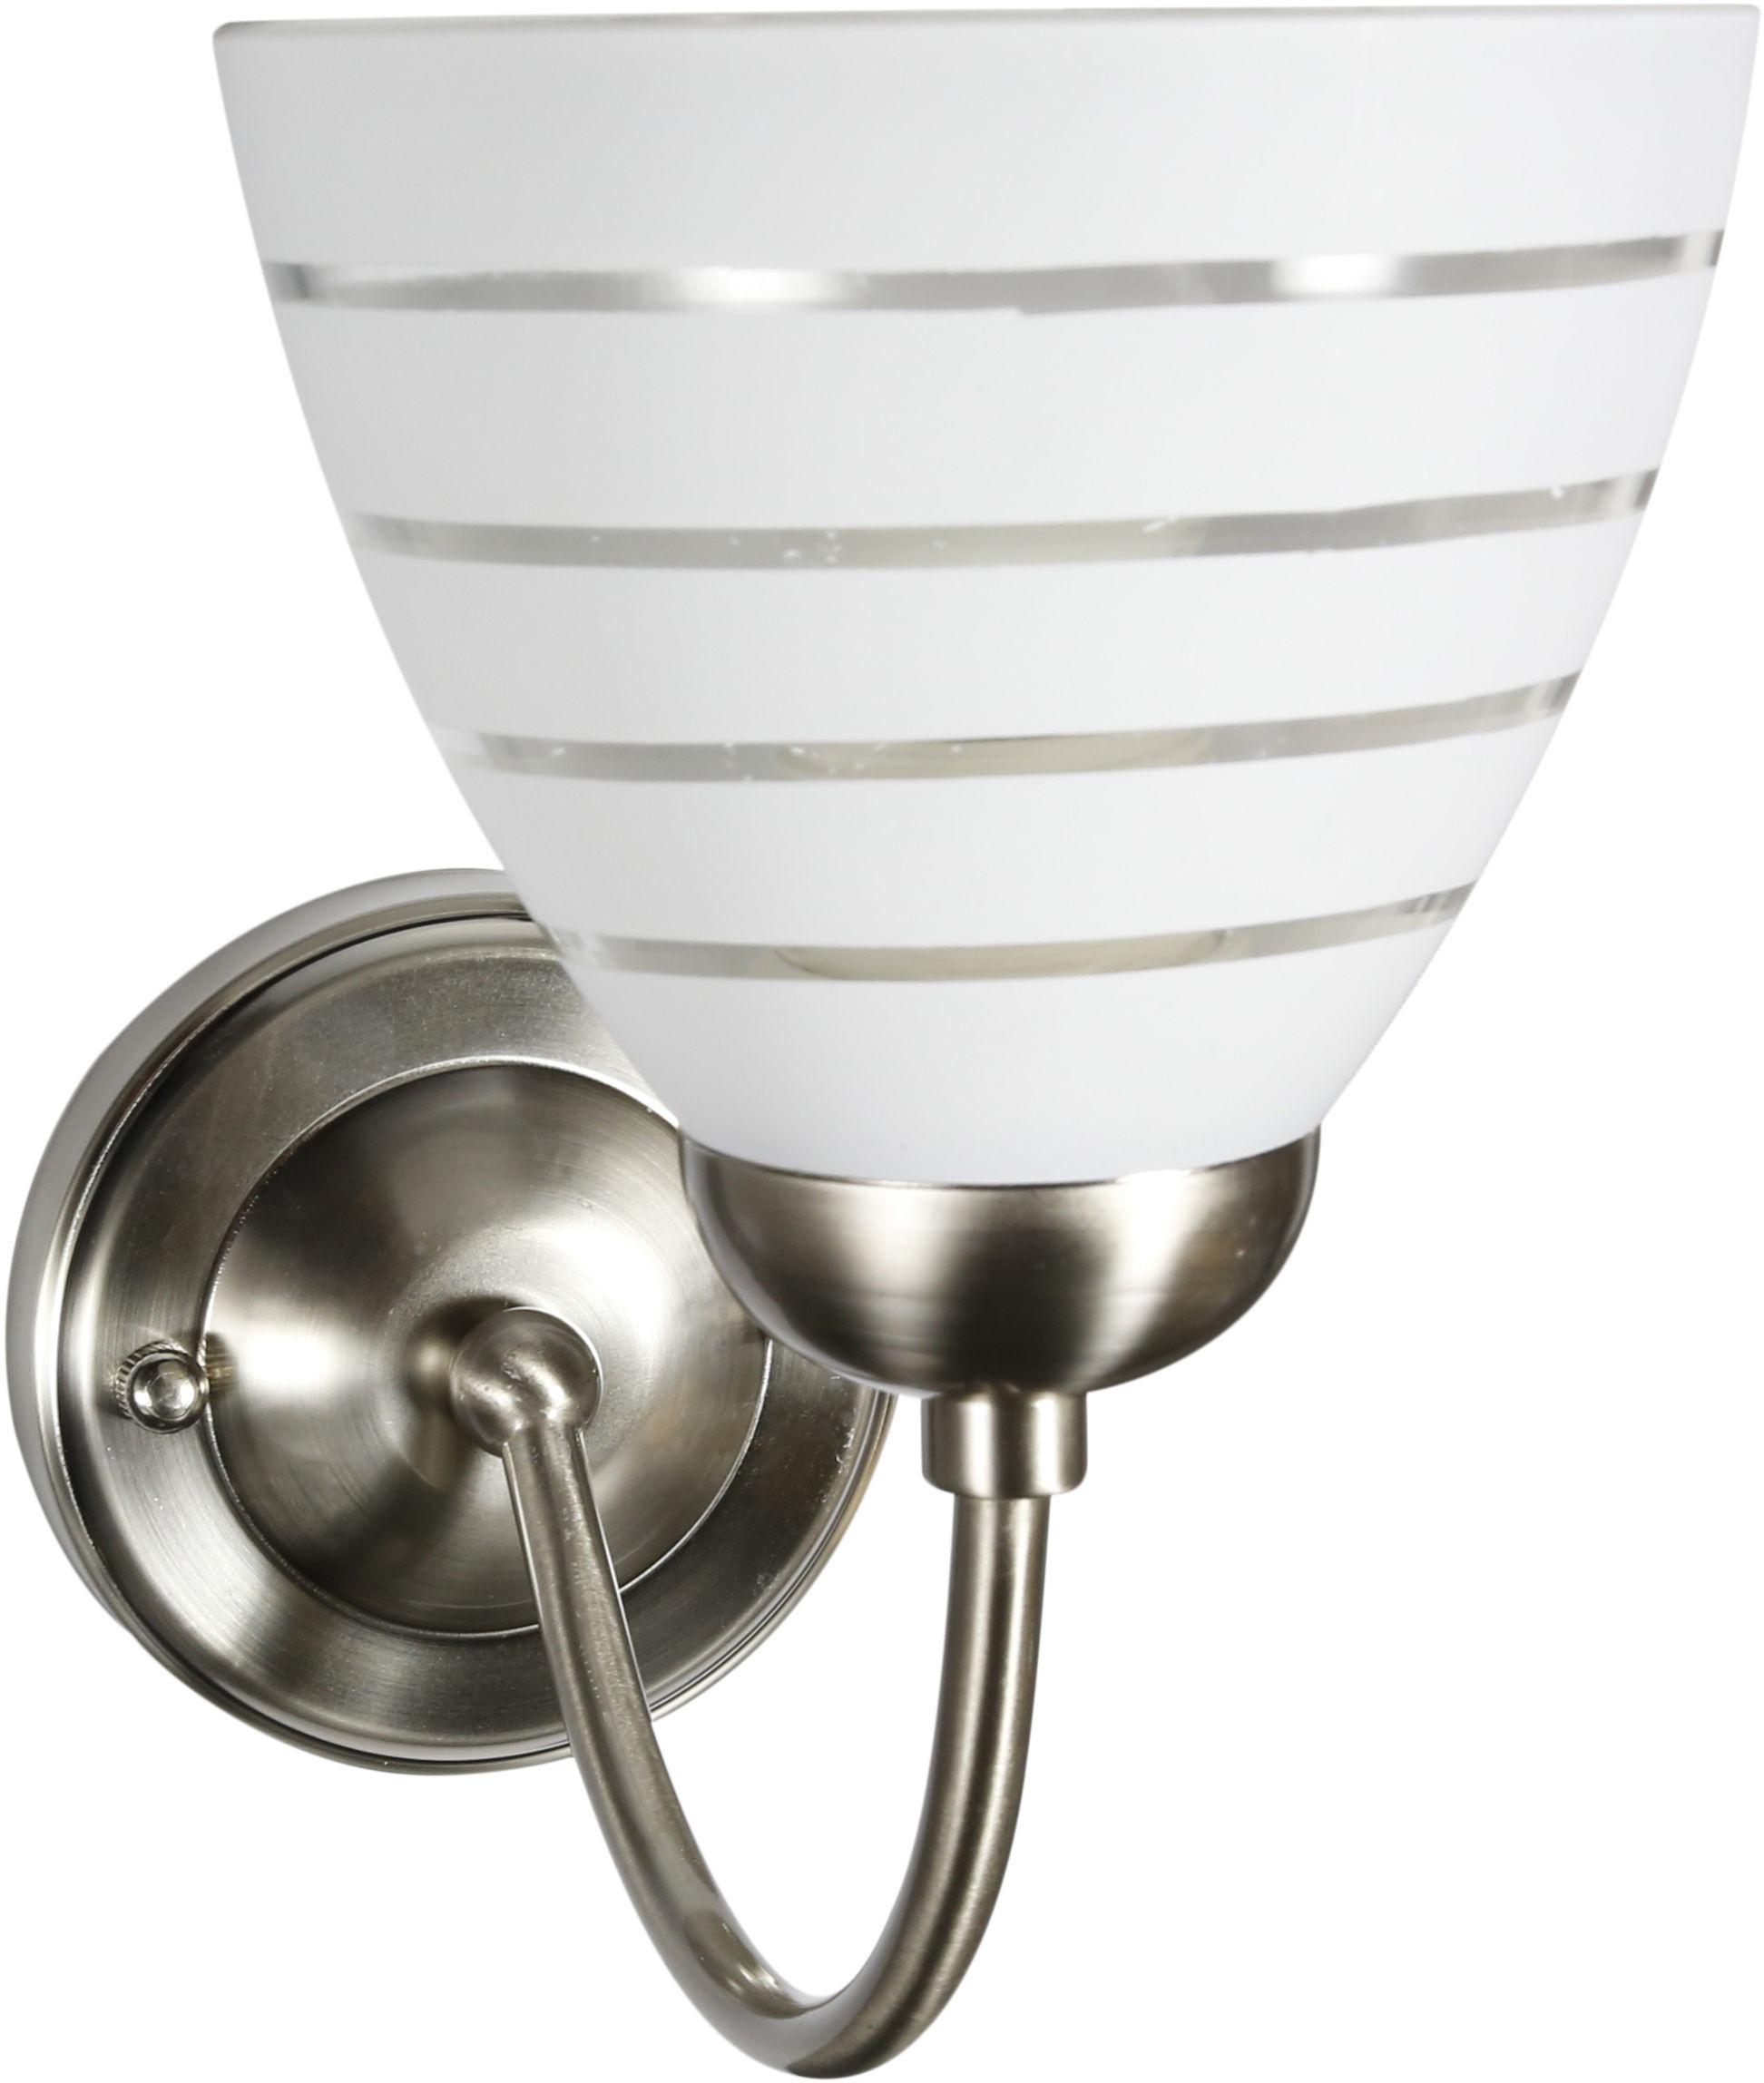 Candellux ULI 21-66145 kinkiet lampa ścienna szklany klosz z paskiem 1X60W E27 satyna nikiel 13,5cm